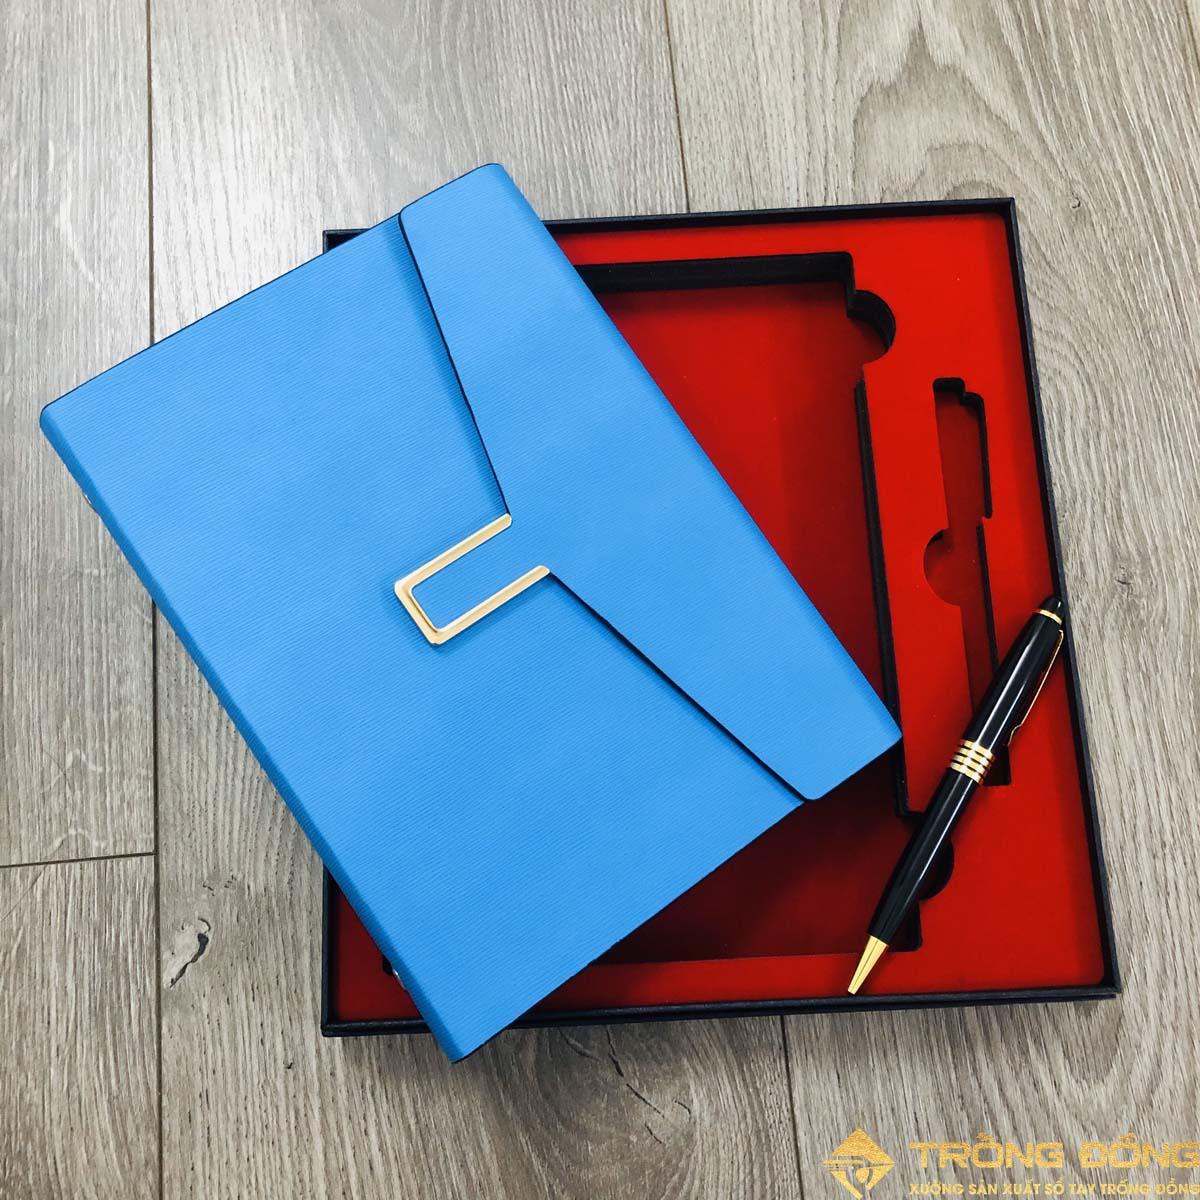 Bộ Giftset sổ tay và bút ký quà tặng mẫu LSA5 BAO THƯ 1B